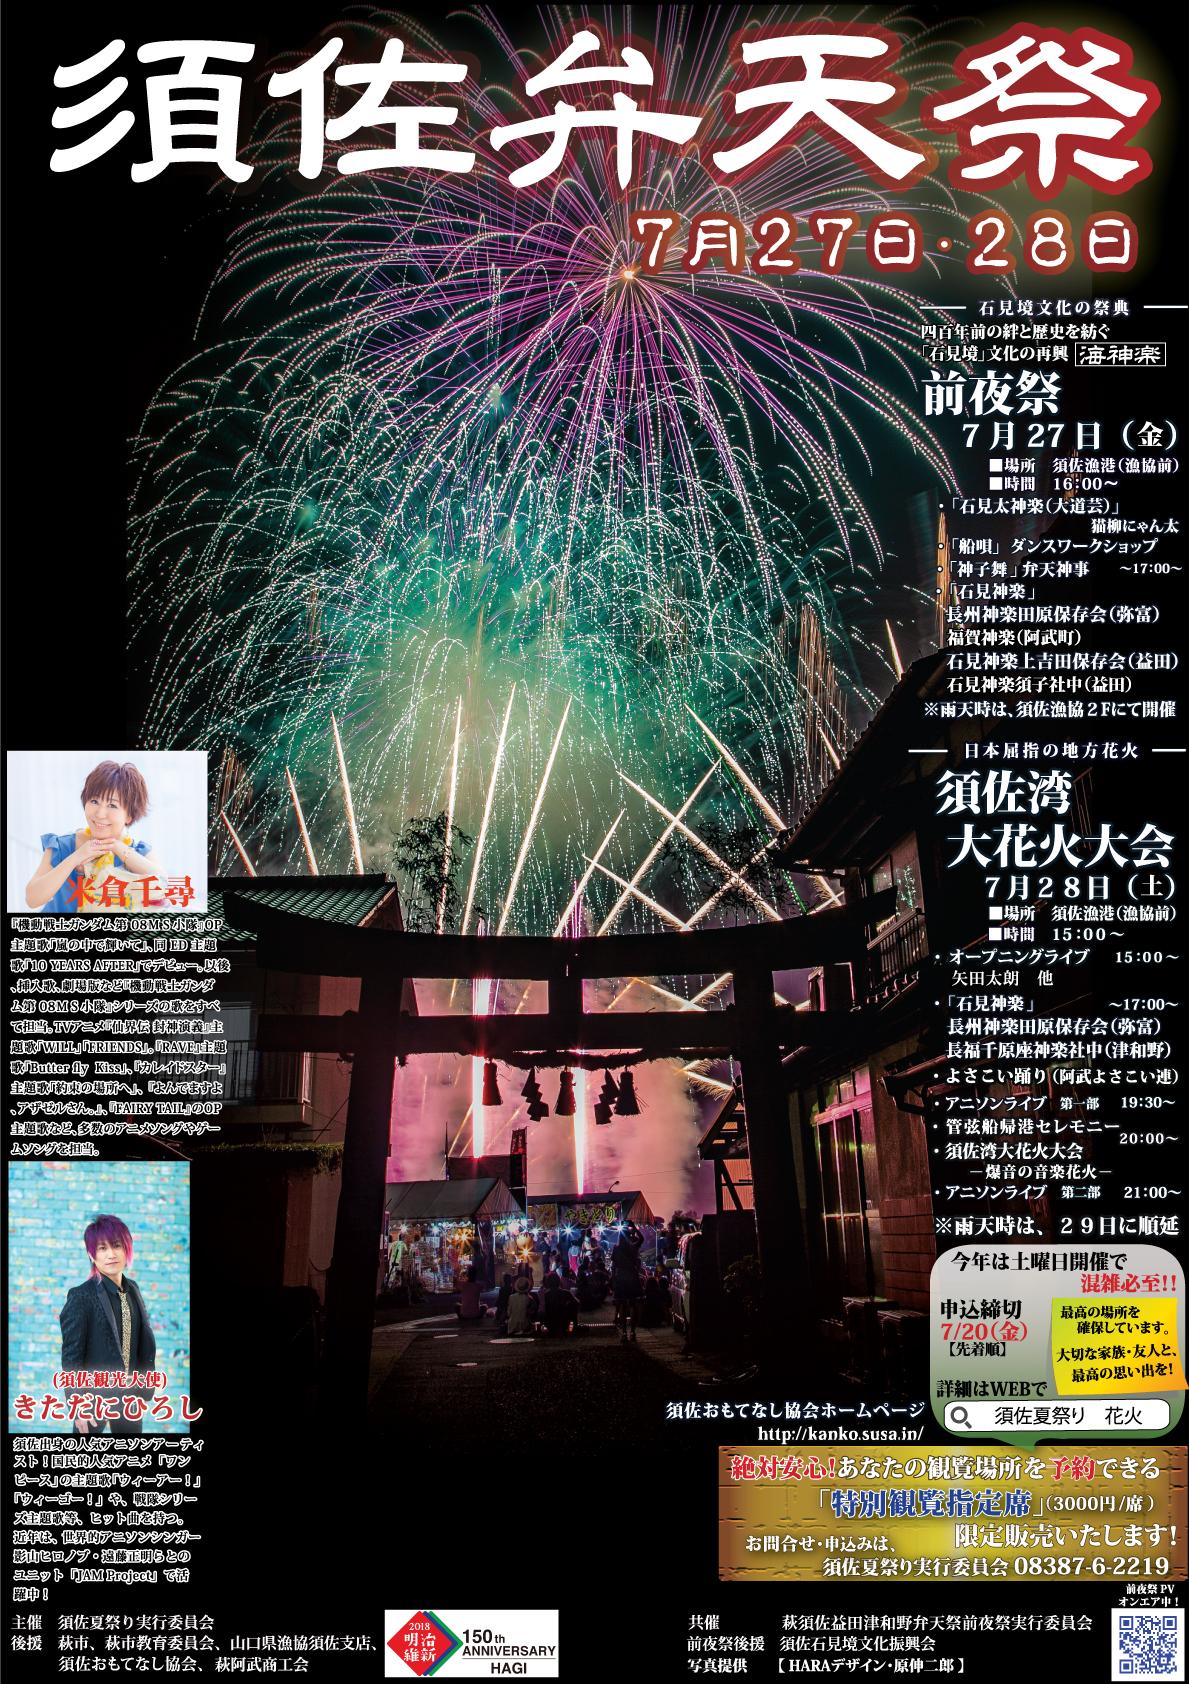 2018年も熱い!須佐夏祭り(7/25-7/28)開催します!